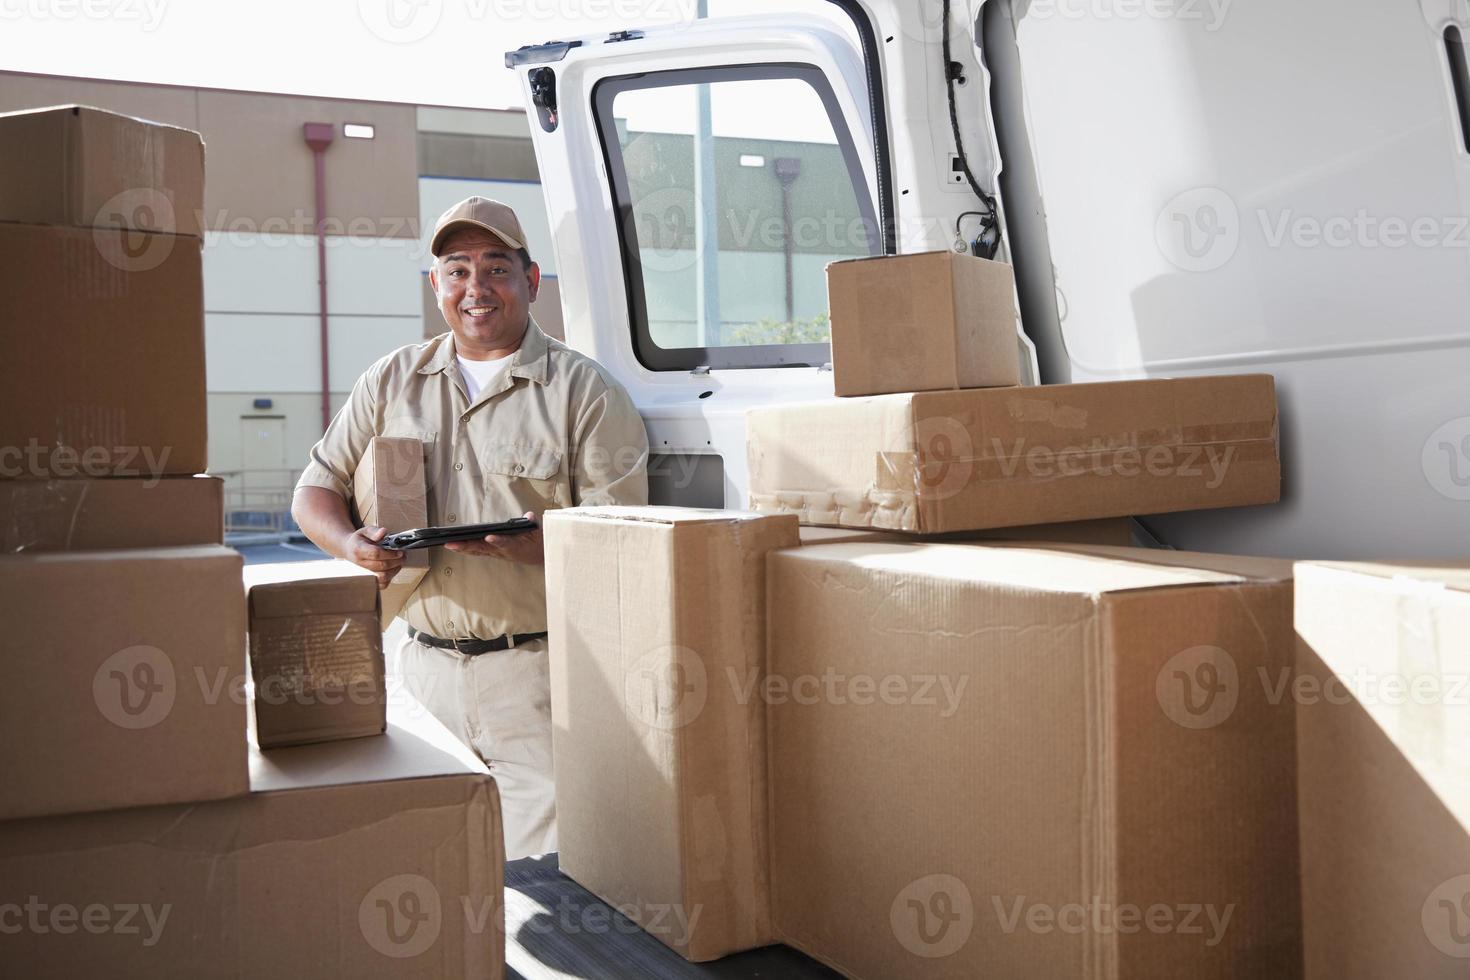 Spaanse man die pakketten levert foto